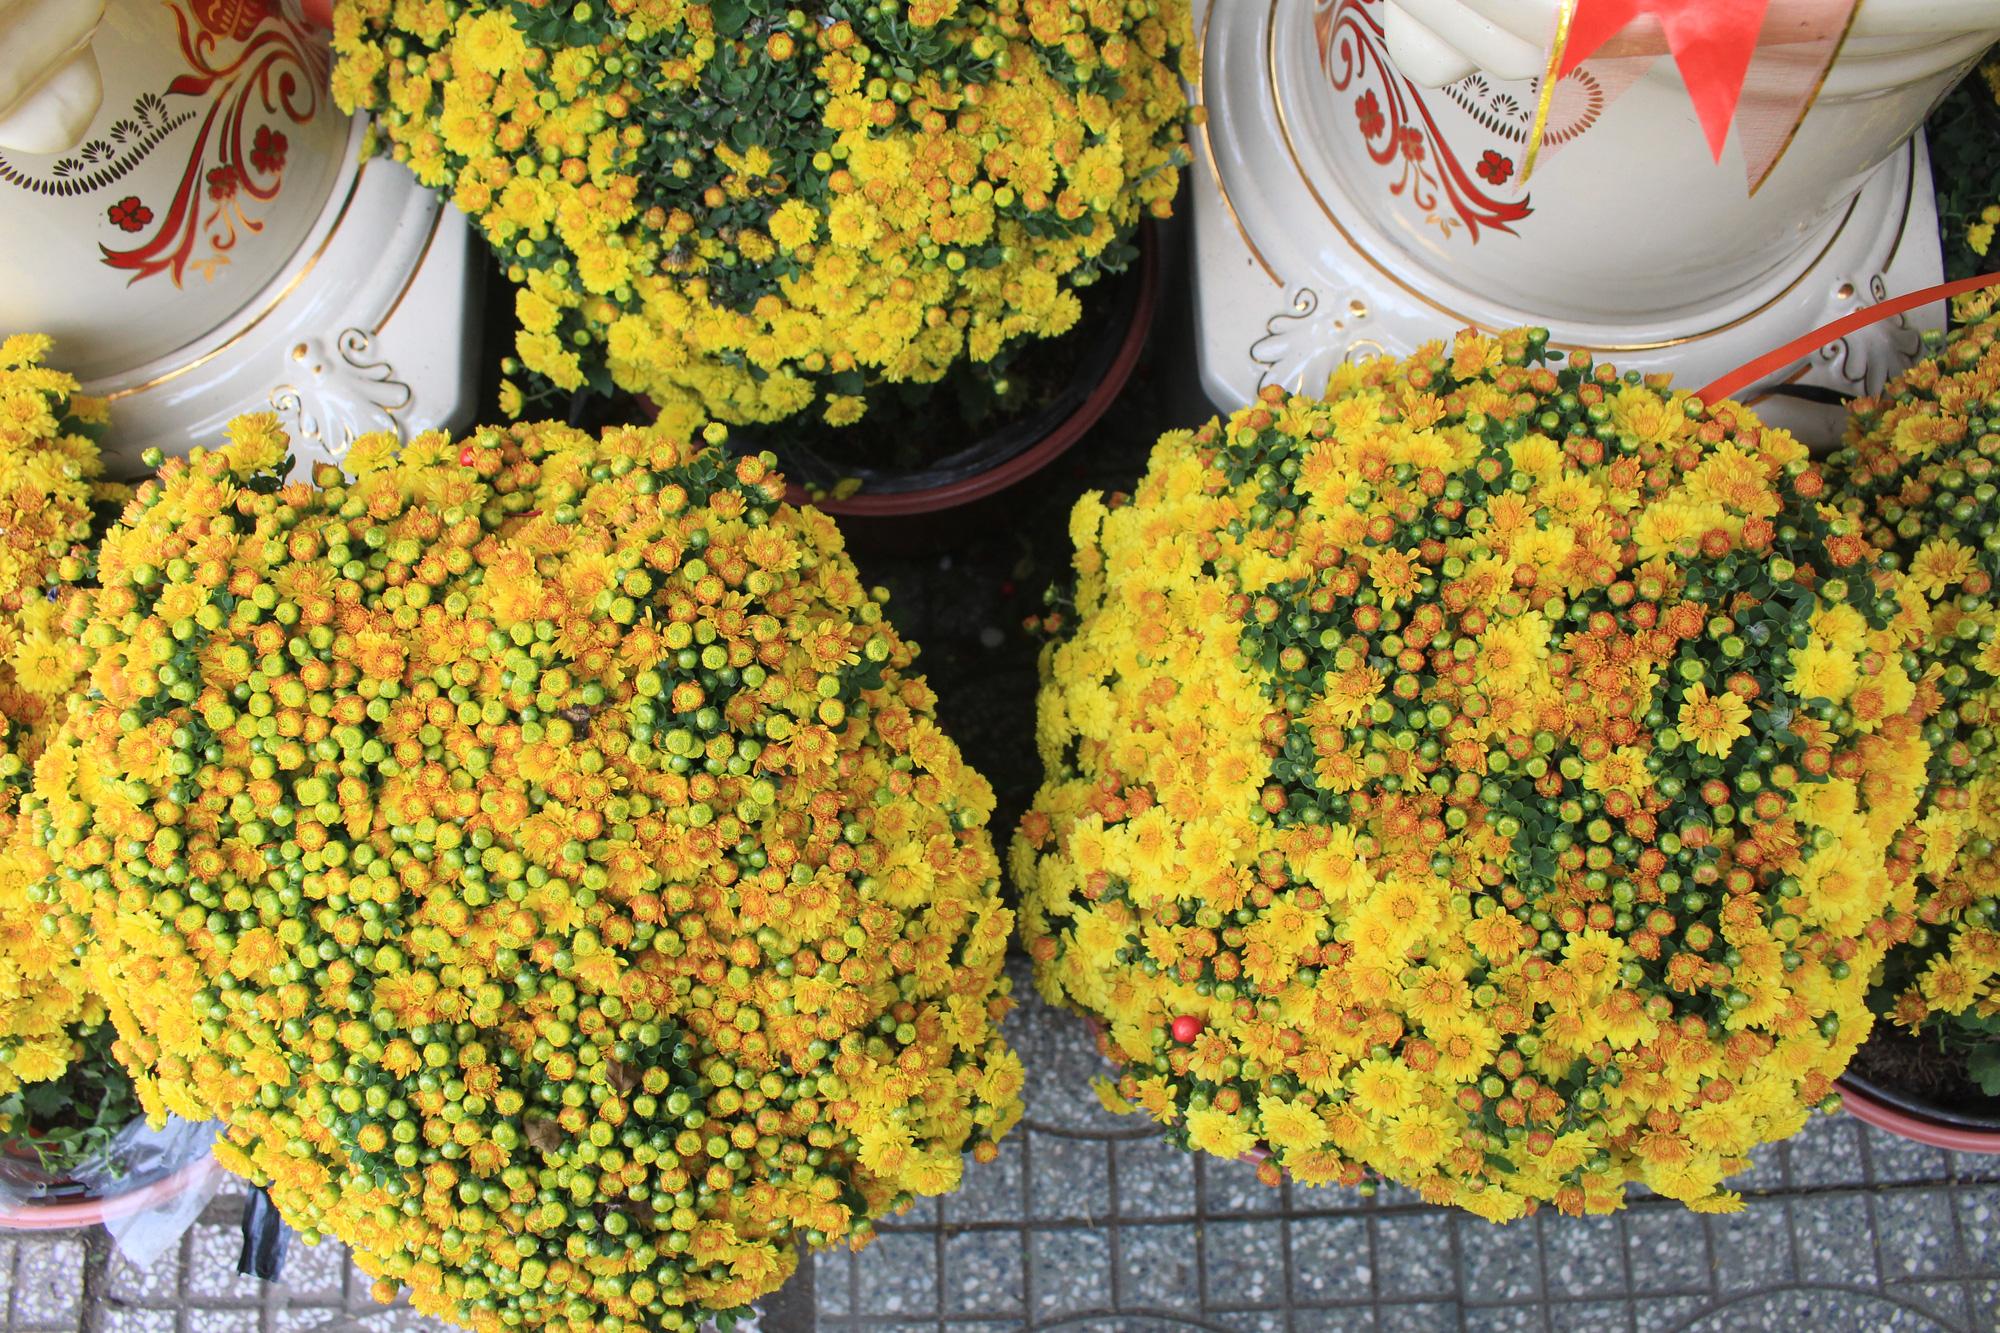 Hoa kiểng Tết đã bán tại Sài Gòn, tranh thủ giá rẻ, nhiều người đi mua sớm - Ảnh 4.